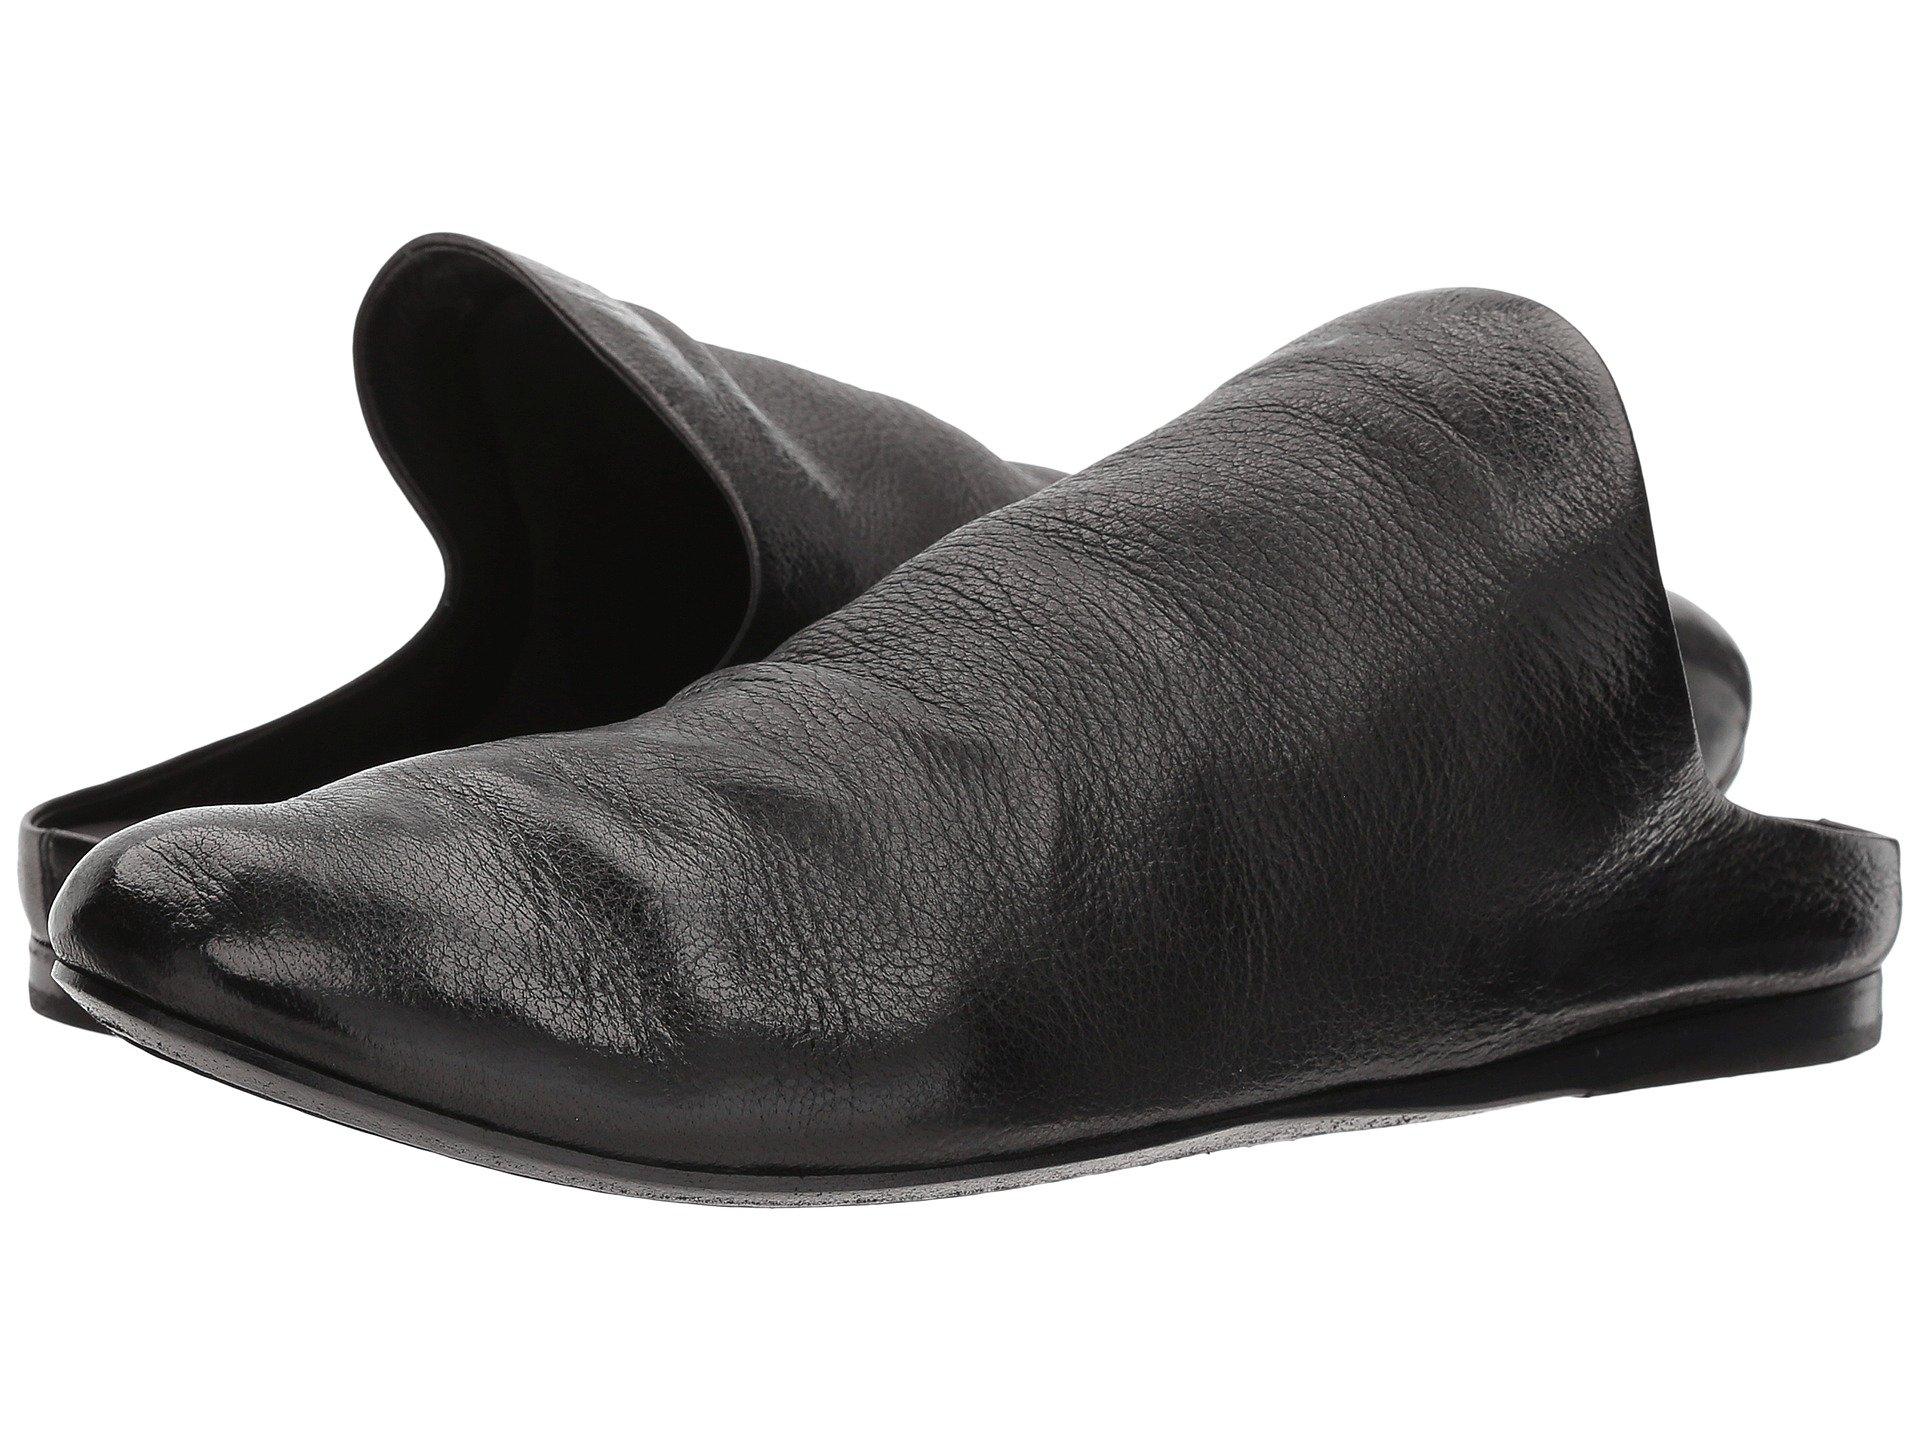 Strapiatta Slip-On Loafer. Marsell